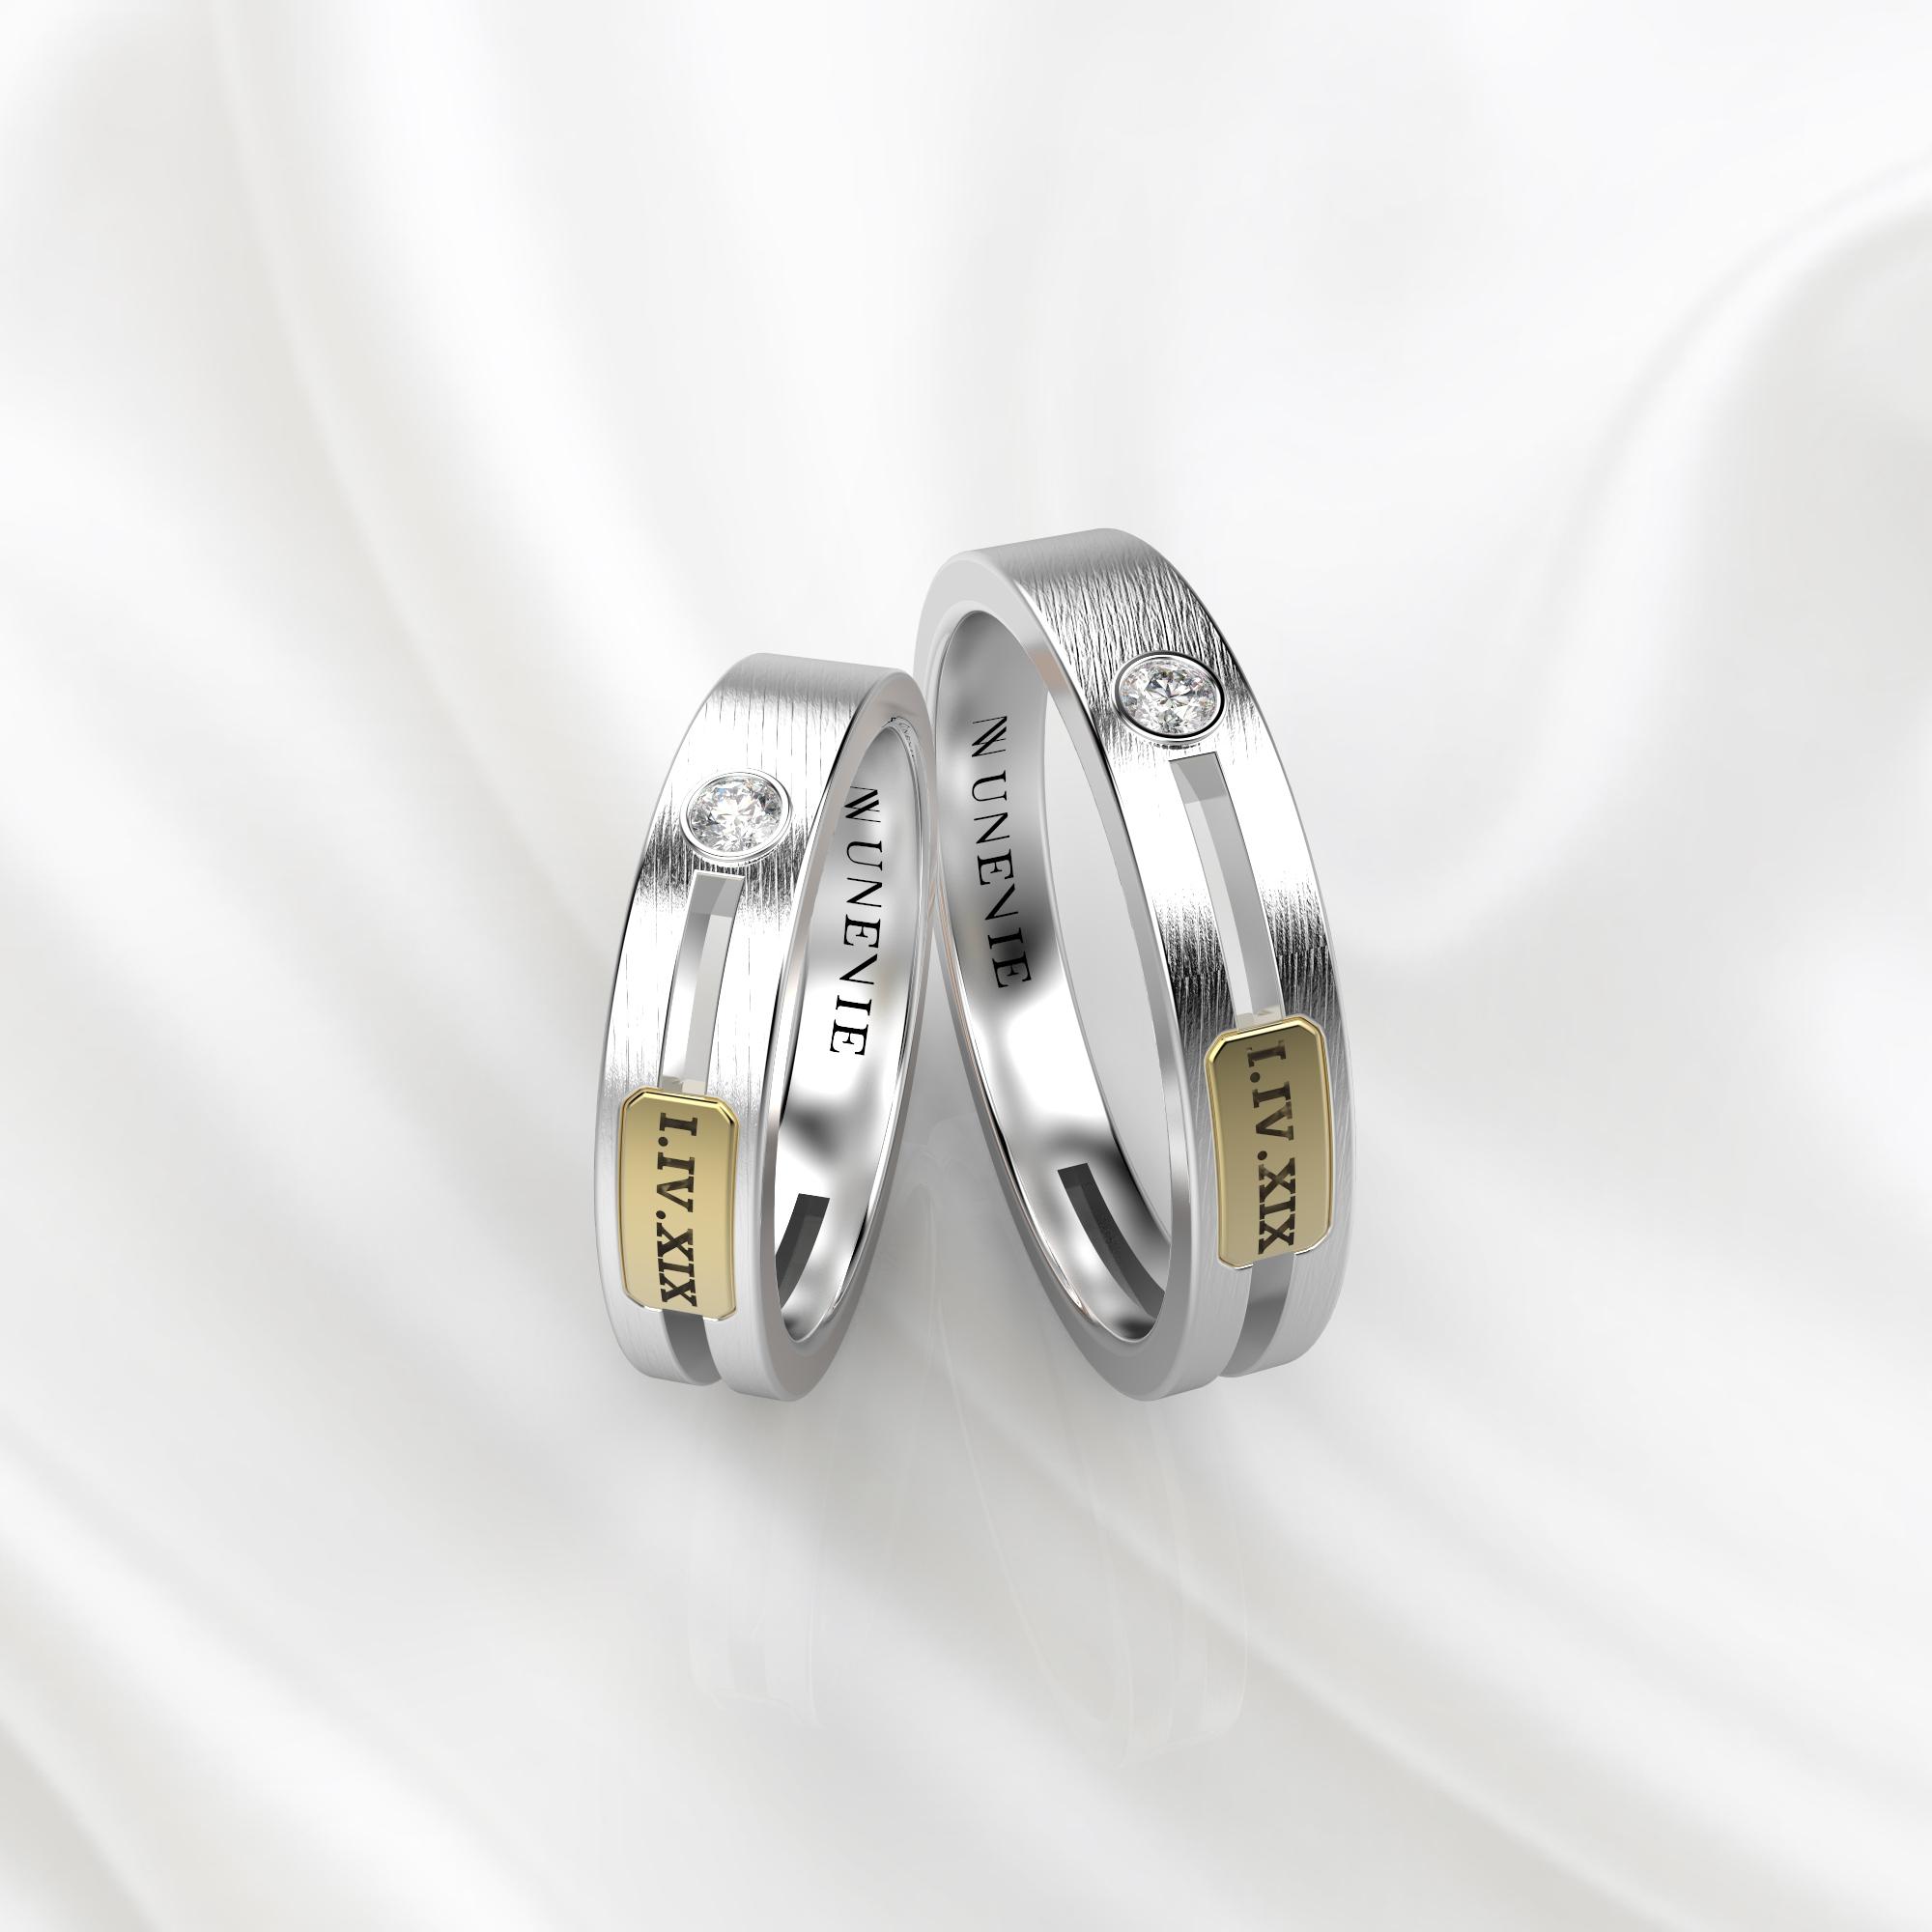 NV55 Парные обручальные кольца из бело-желтого золота с бриллиантами